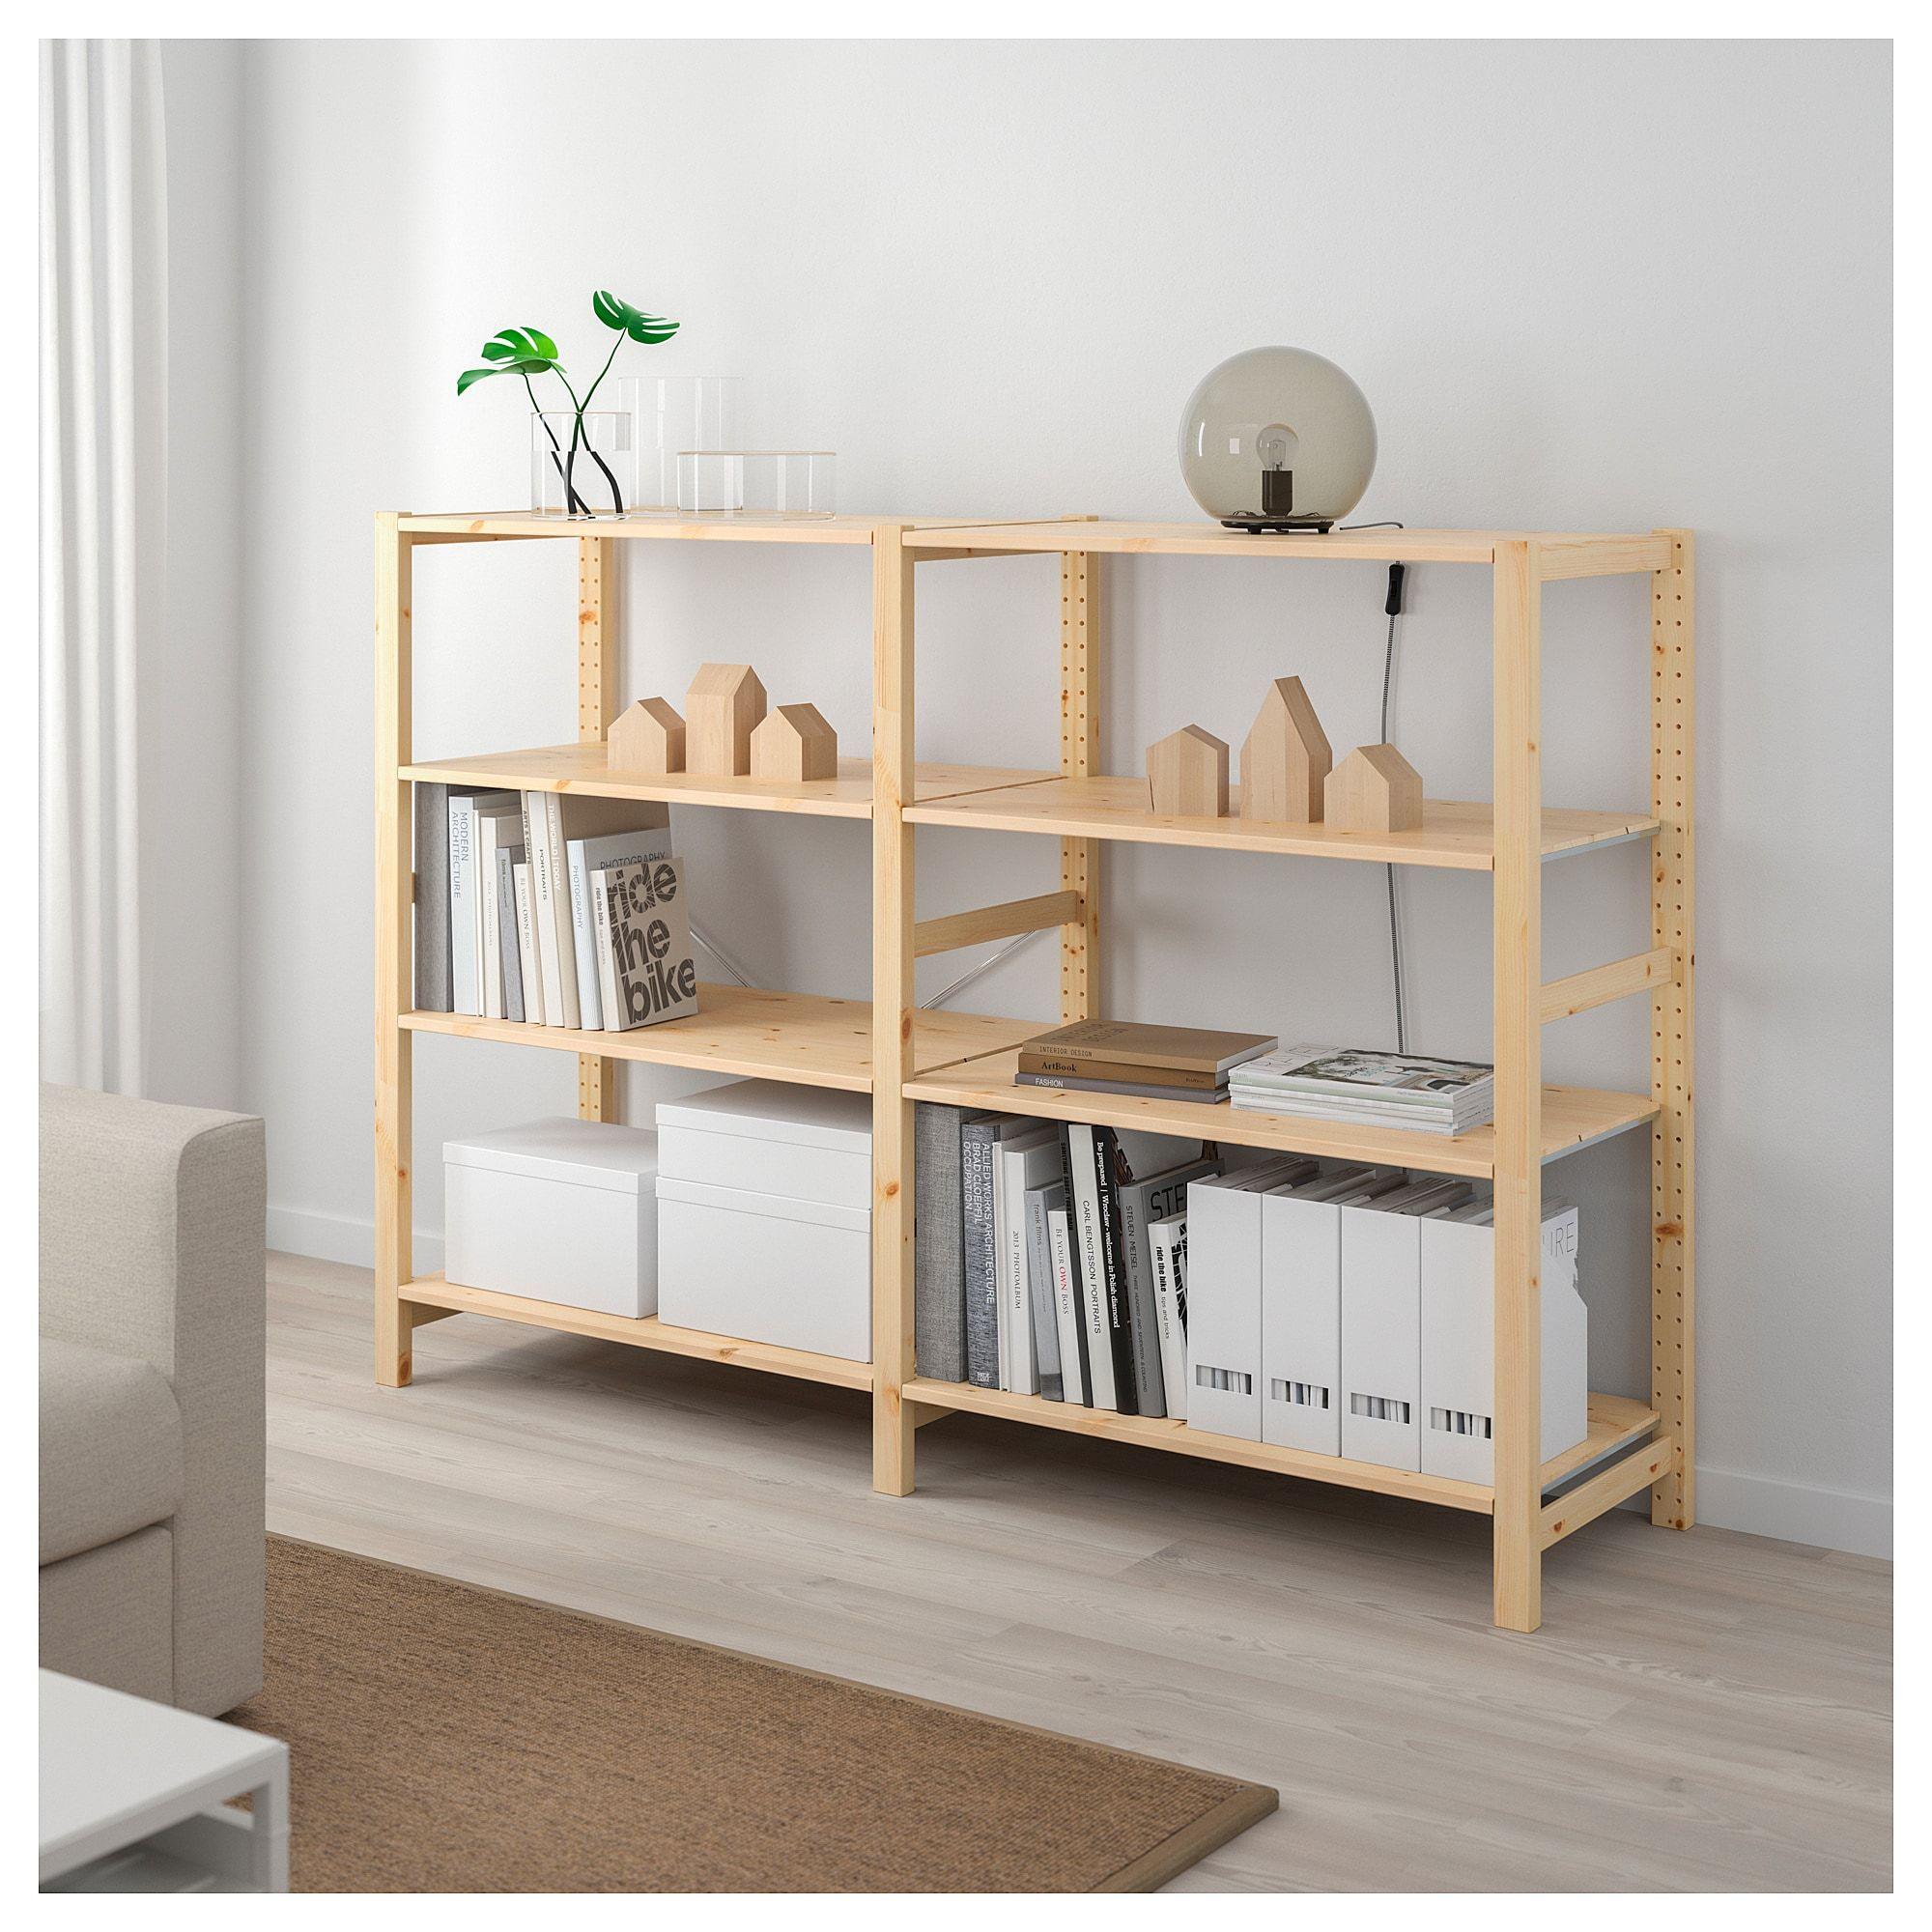 Ikea Ivar Pine 2 Section Shelving Unit Shelves Ikea Inexpensive Furniture